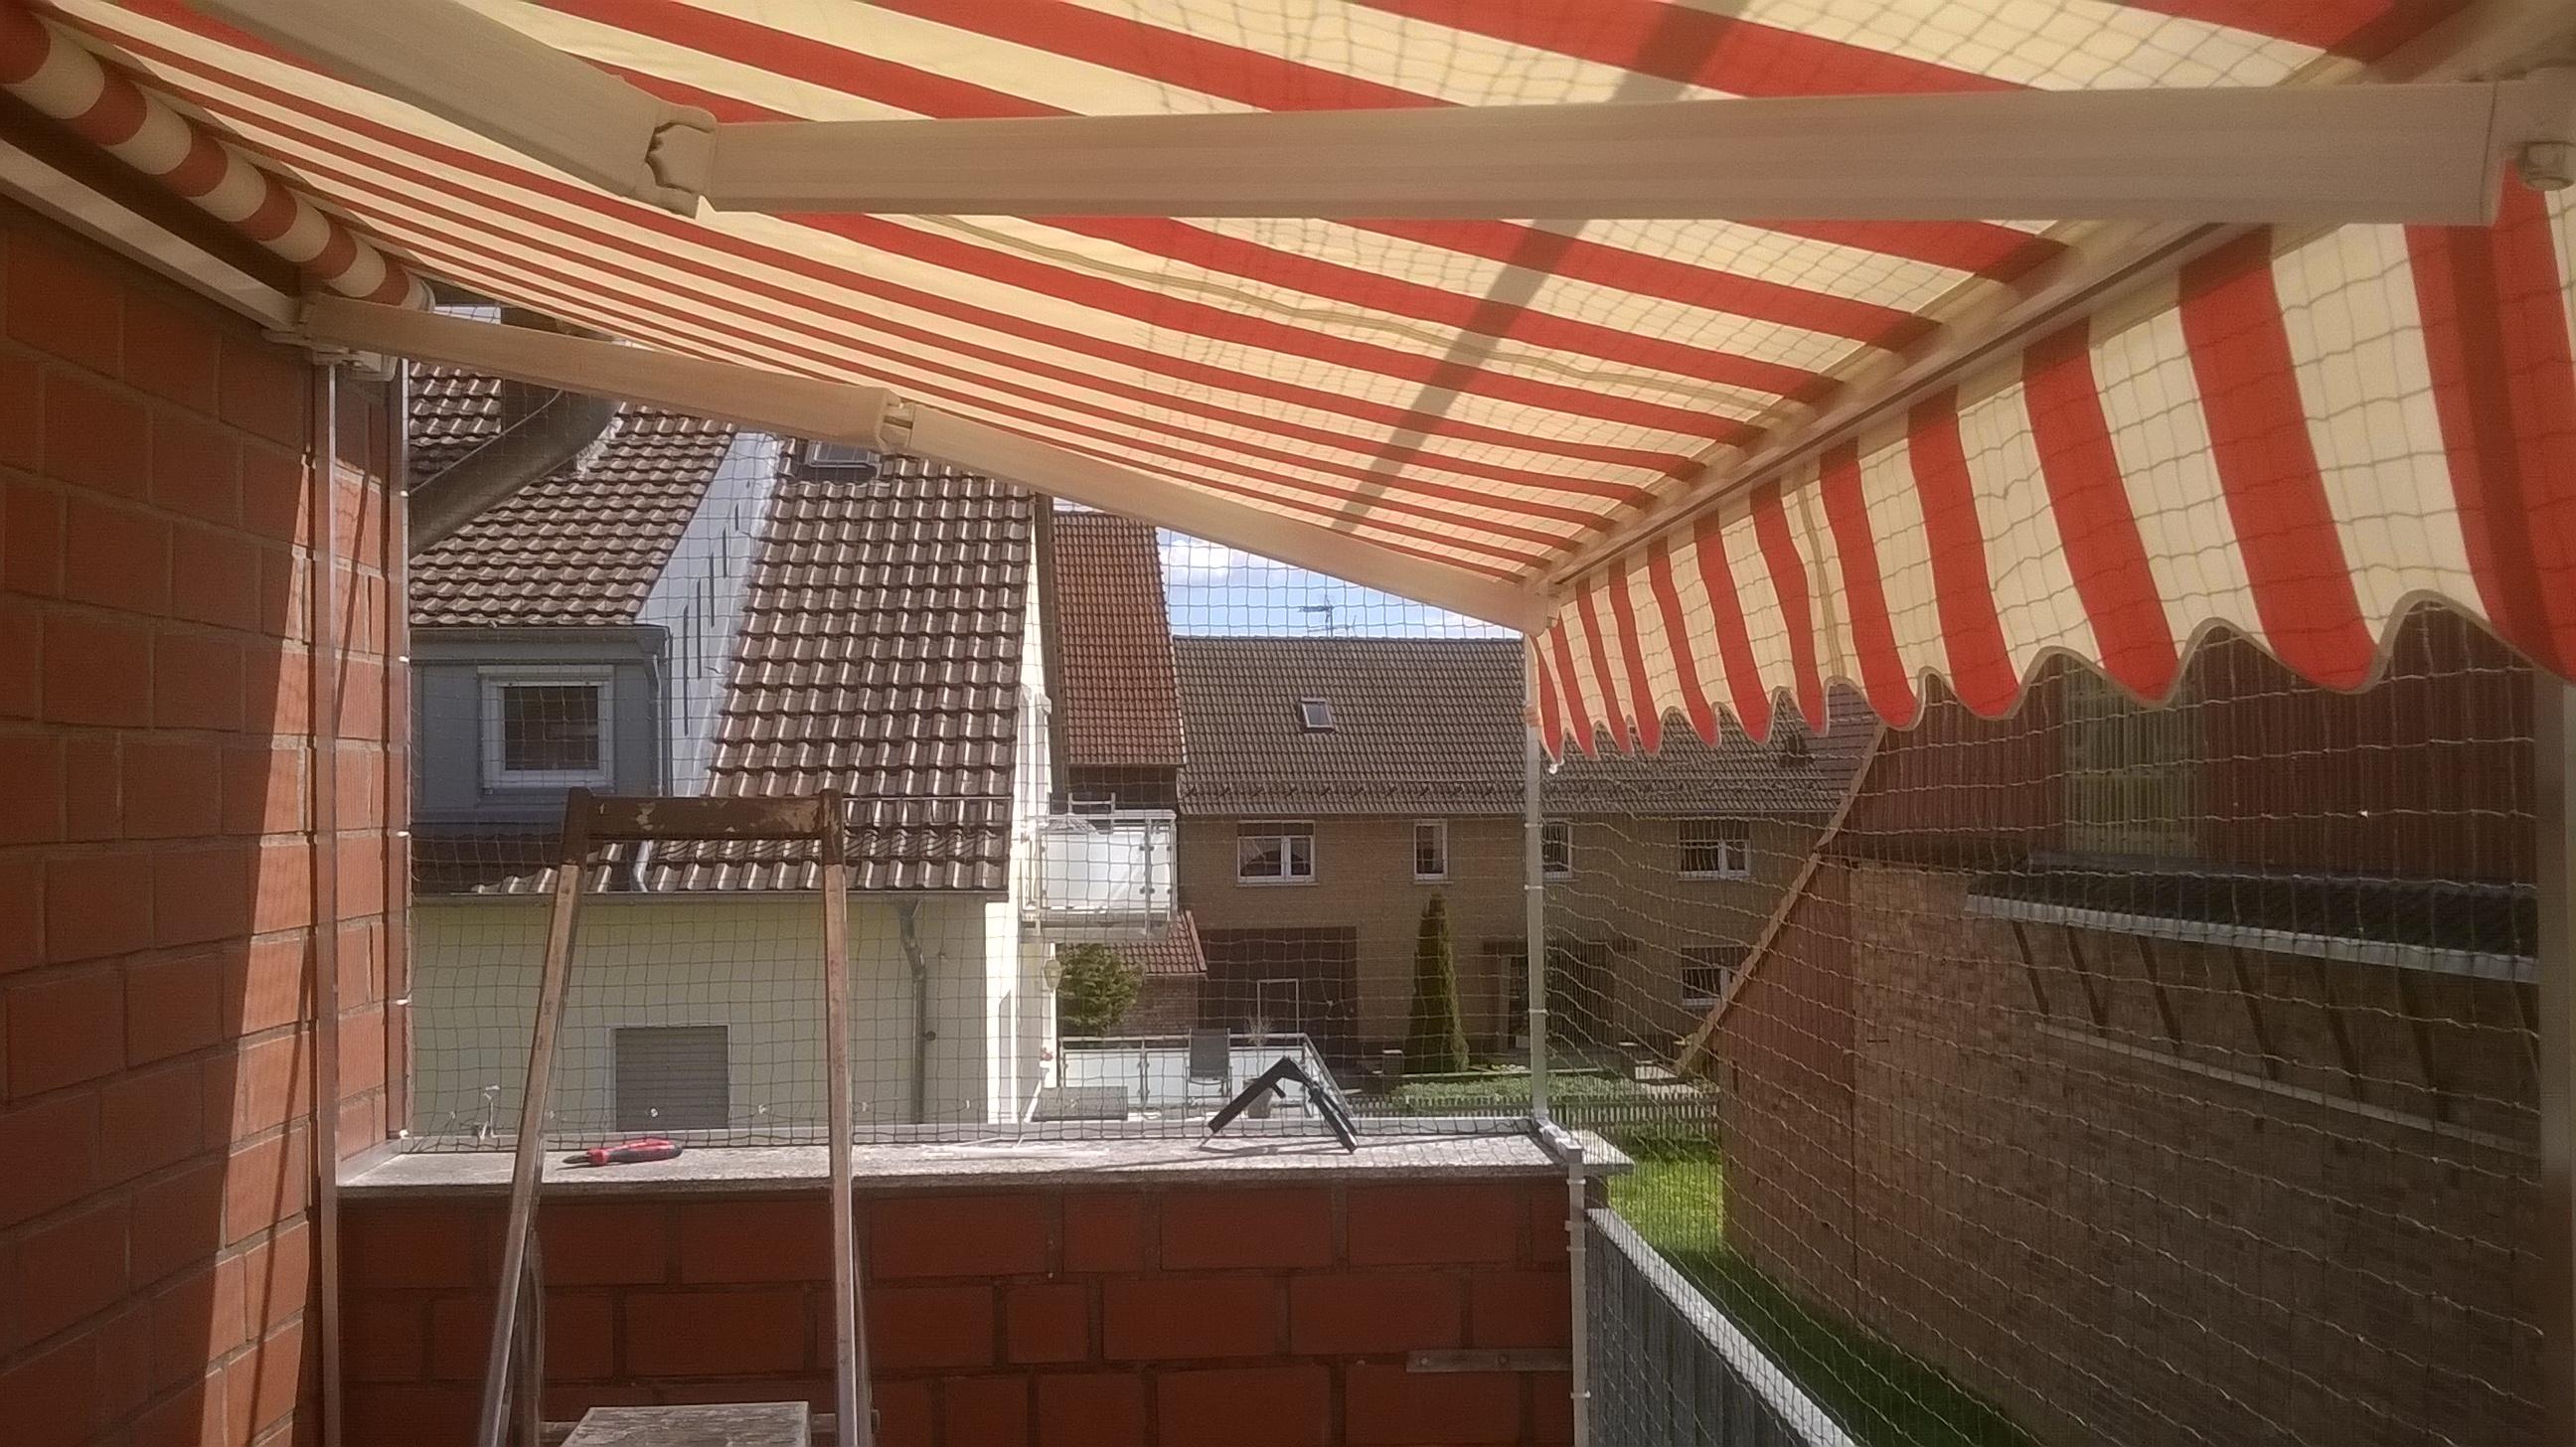 katzennetz duderstadt freistehendes katzennetz f r balkon ohne bohren. Black Bedroom Furniture Sets. Home Design Ideas